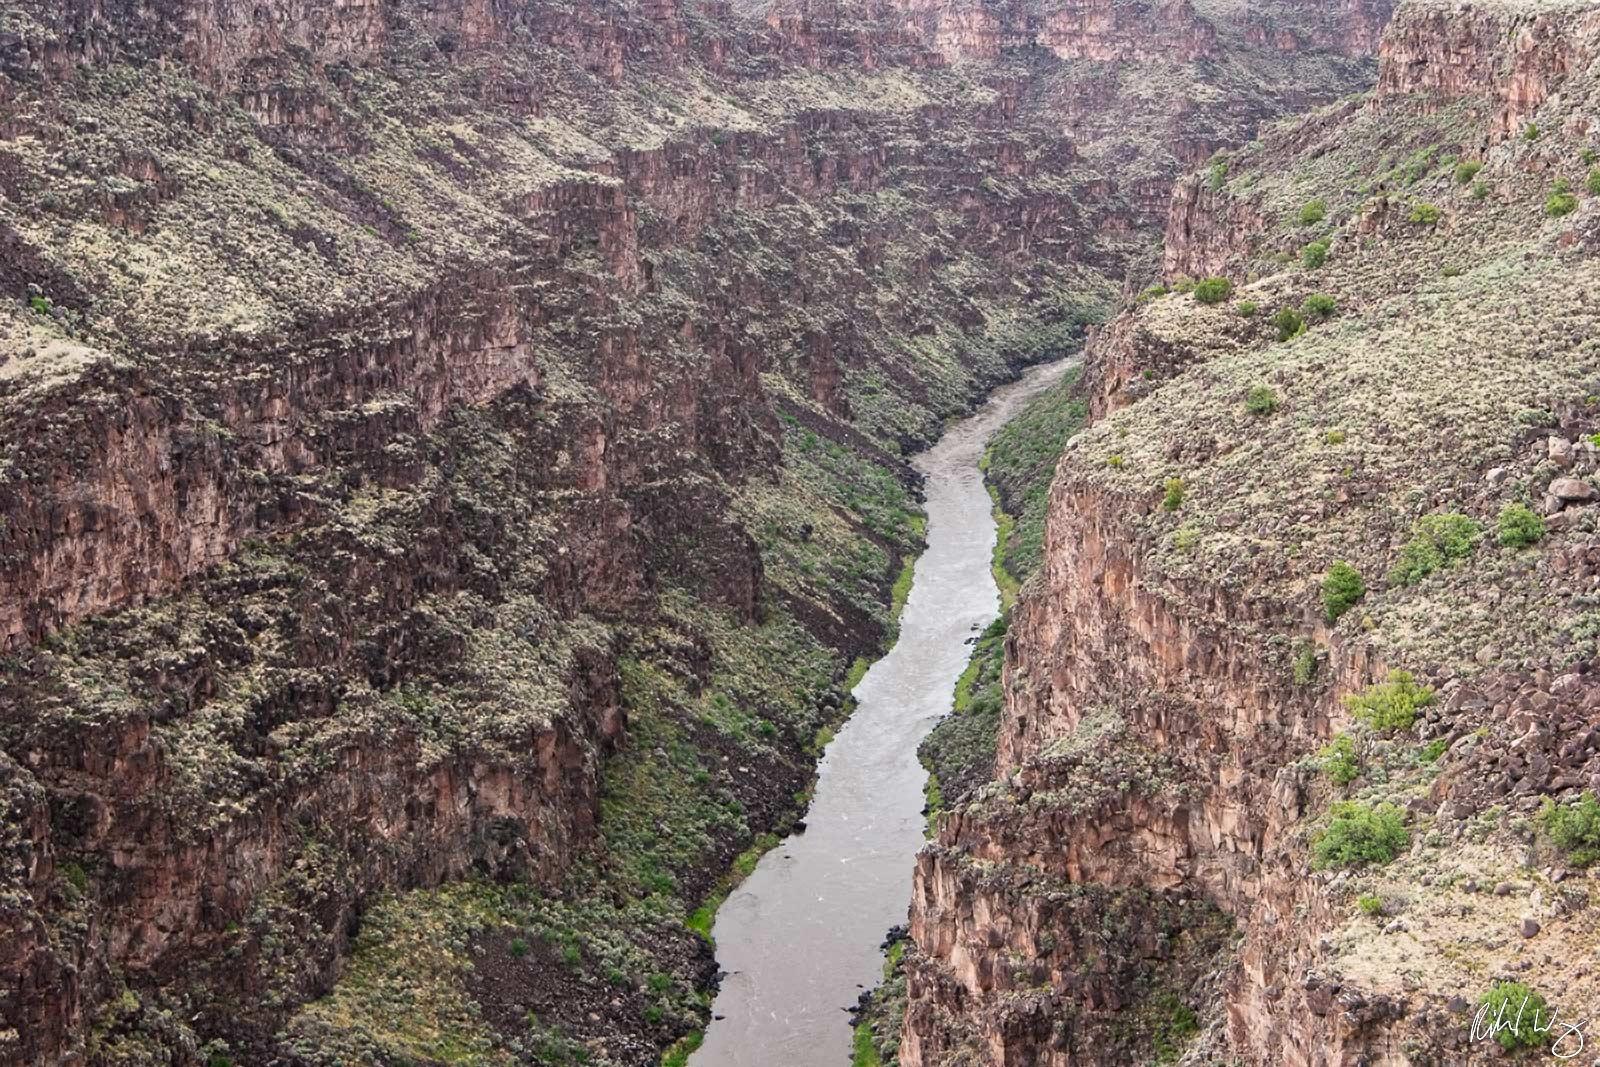 Rio Grande Gorge, Rio Grande del Norte National Monument, New Mexico